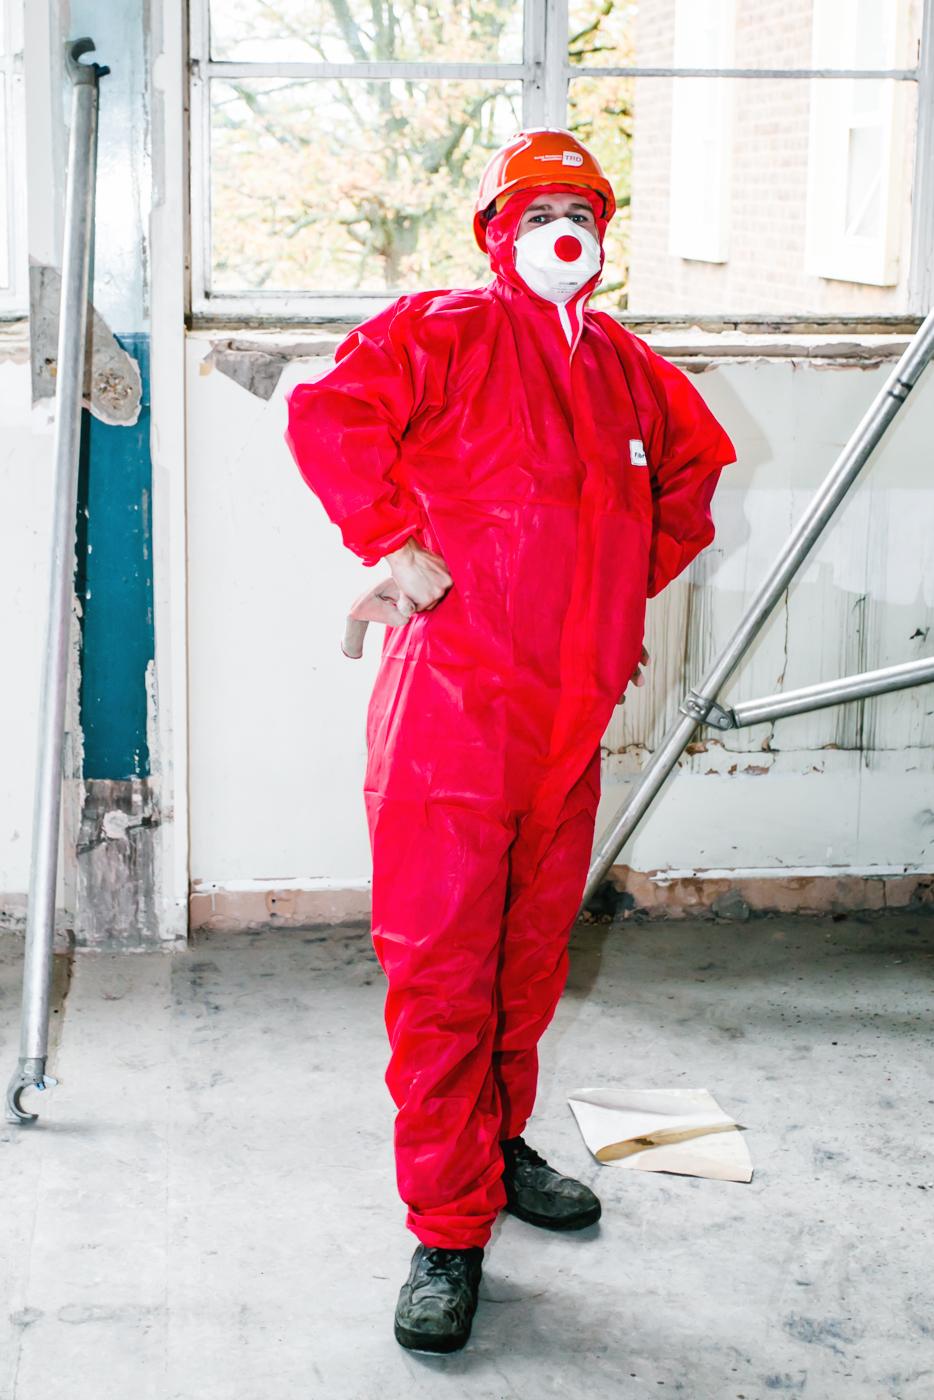 013 - ProDEM Demolition & Asbestos Limited www.prodemolition.co.uk - Business Services by Pamela and Mark Pugh Team MP - www.mpmedia.co.uk -0115.JPG